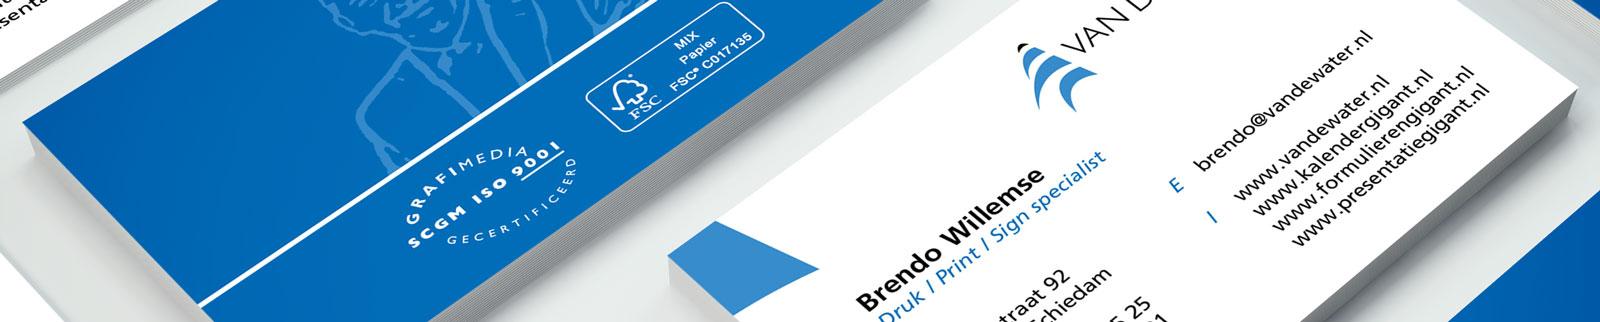 viasitekaartje-banner